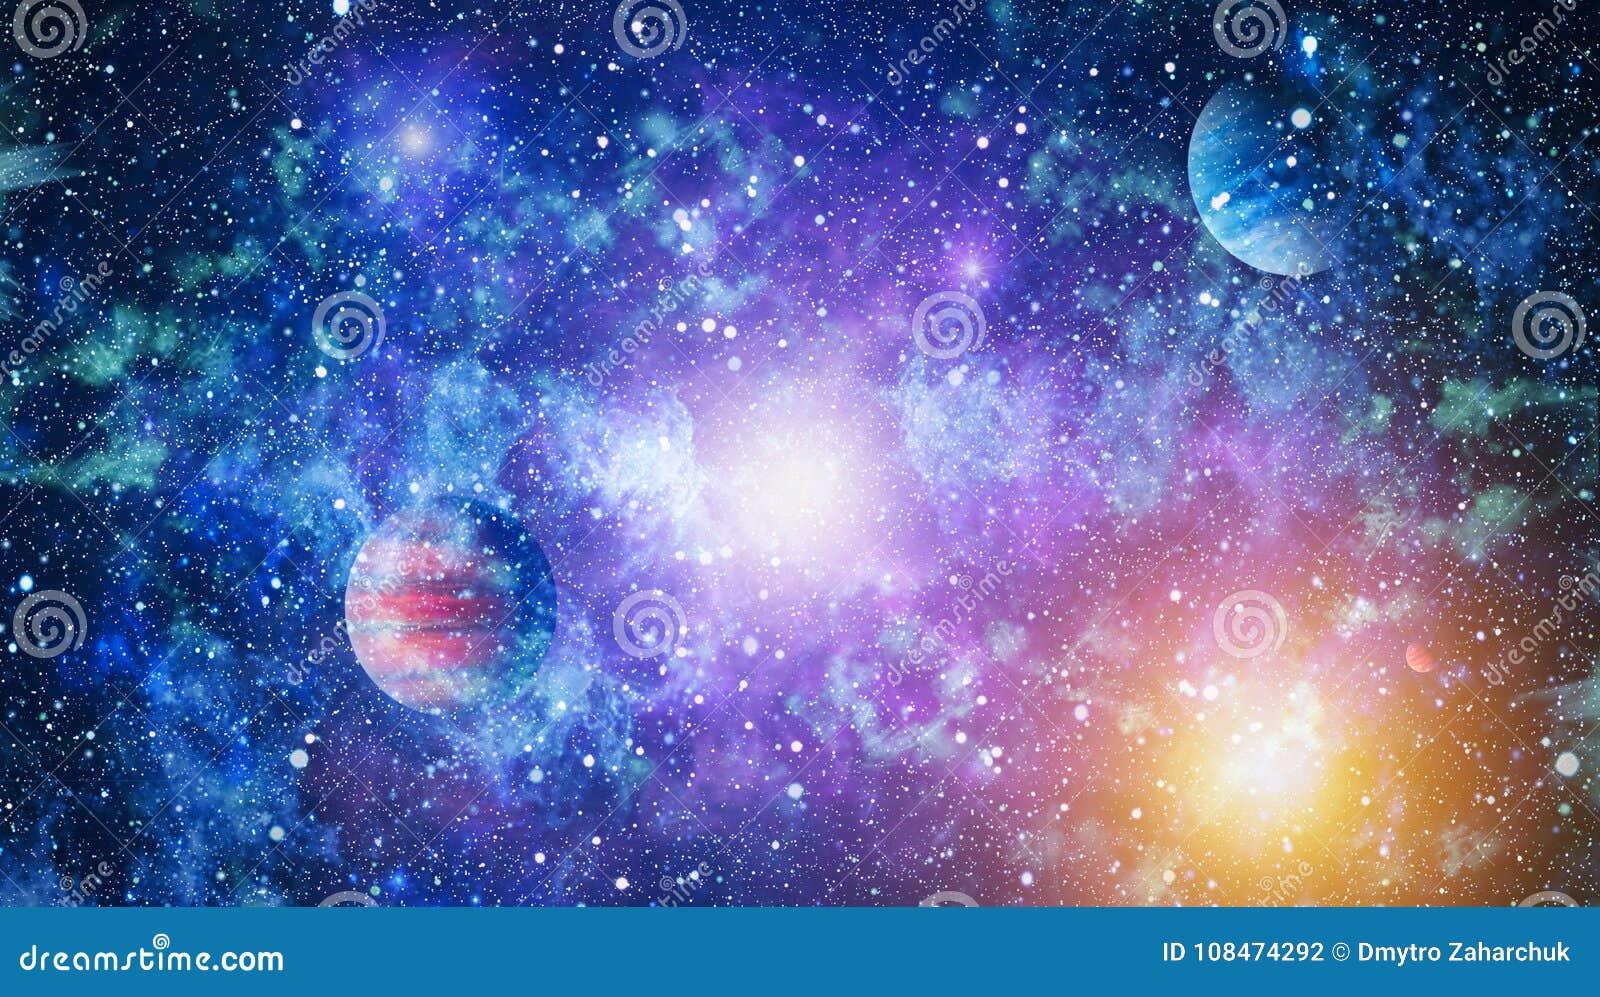 Галактика и nebula абстрактный космос предпосылки Элементы этого изображения поставленные NASA